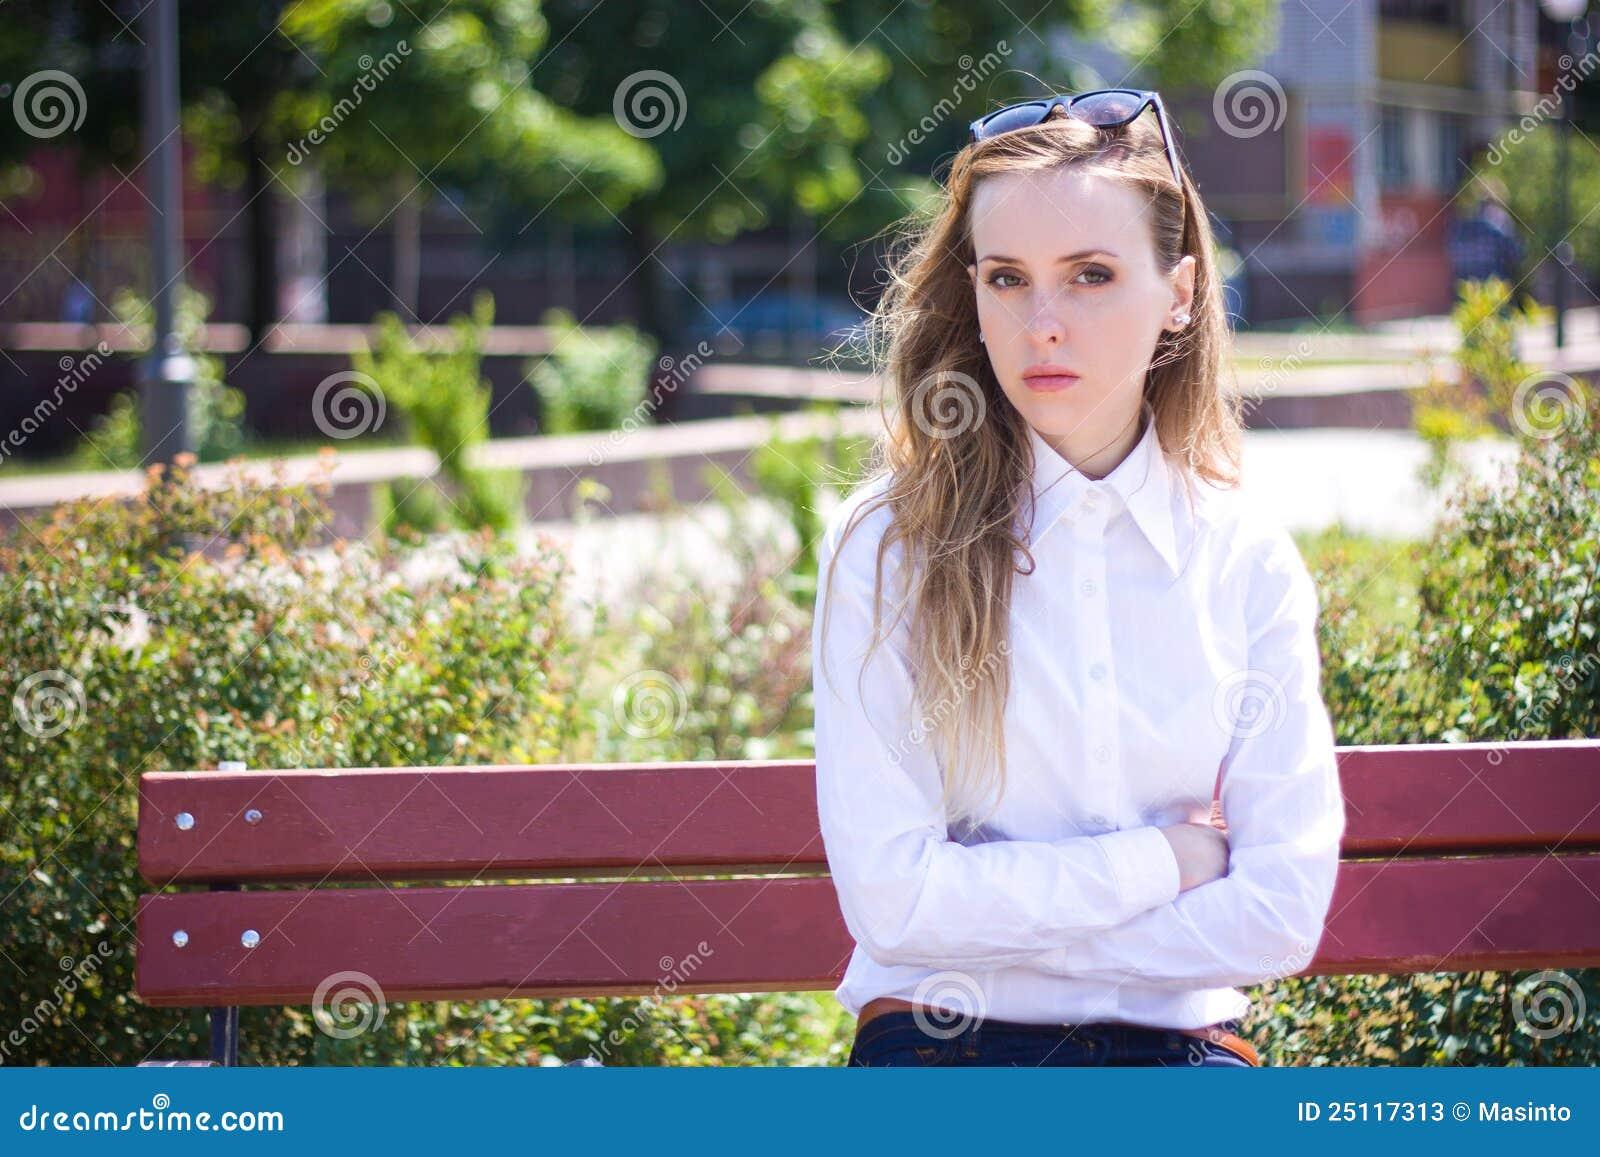 La mujer joven se sienta en el banco